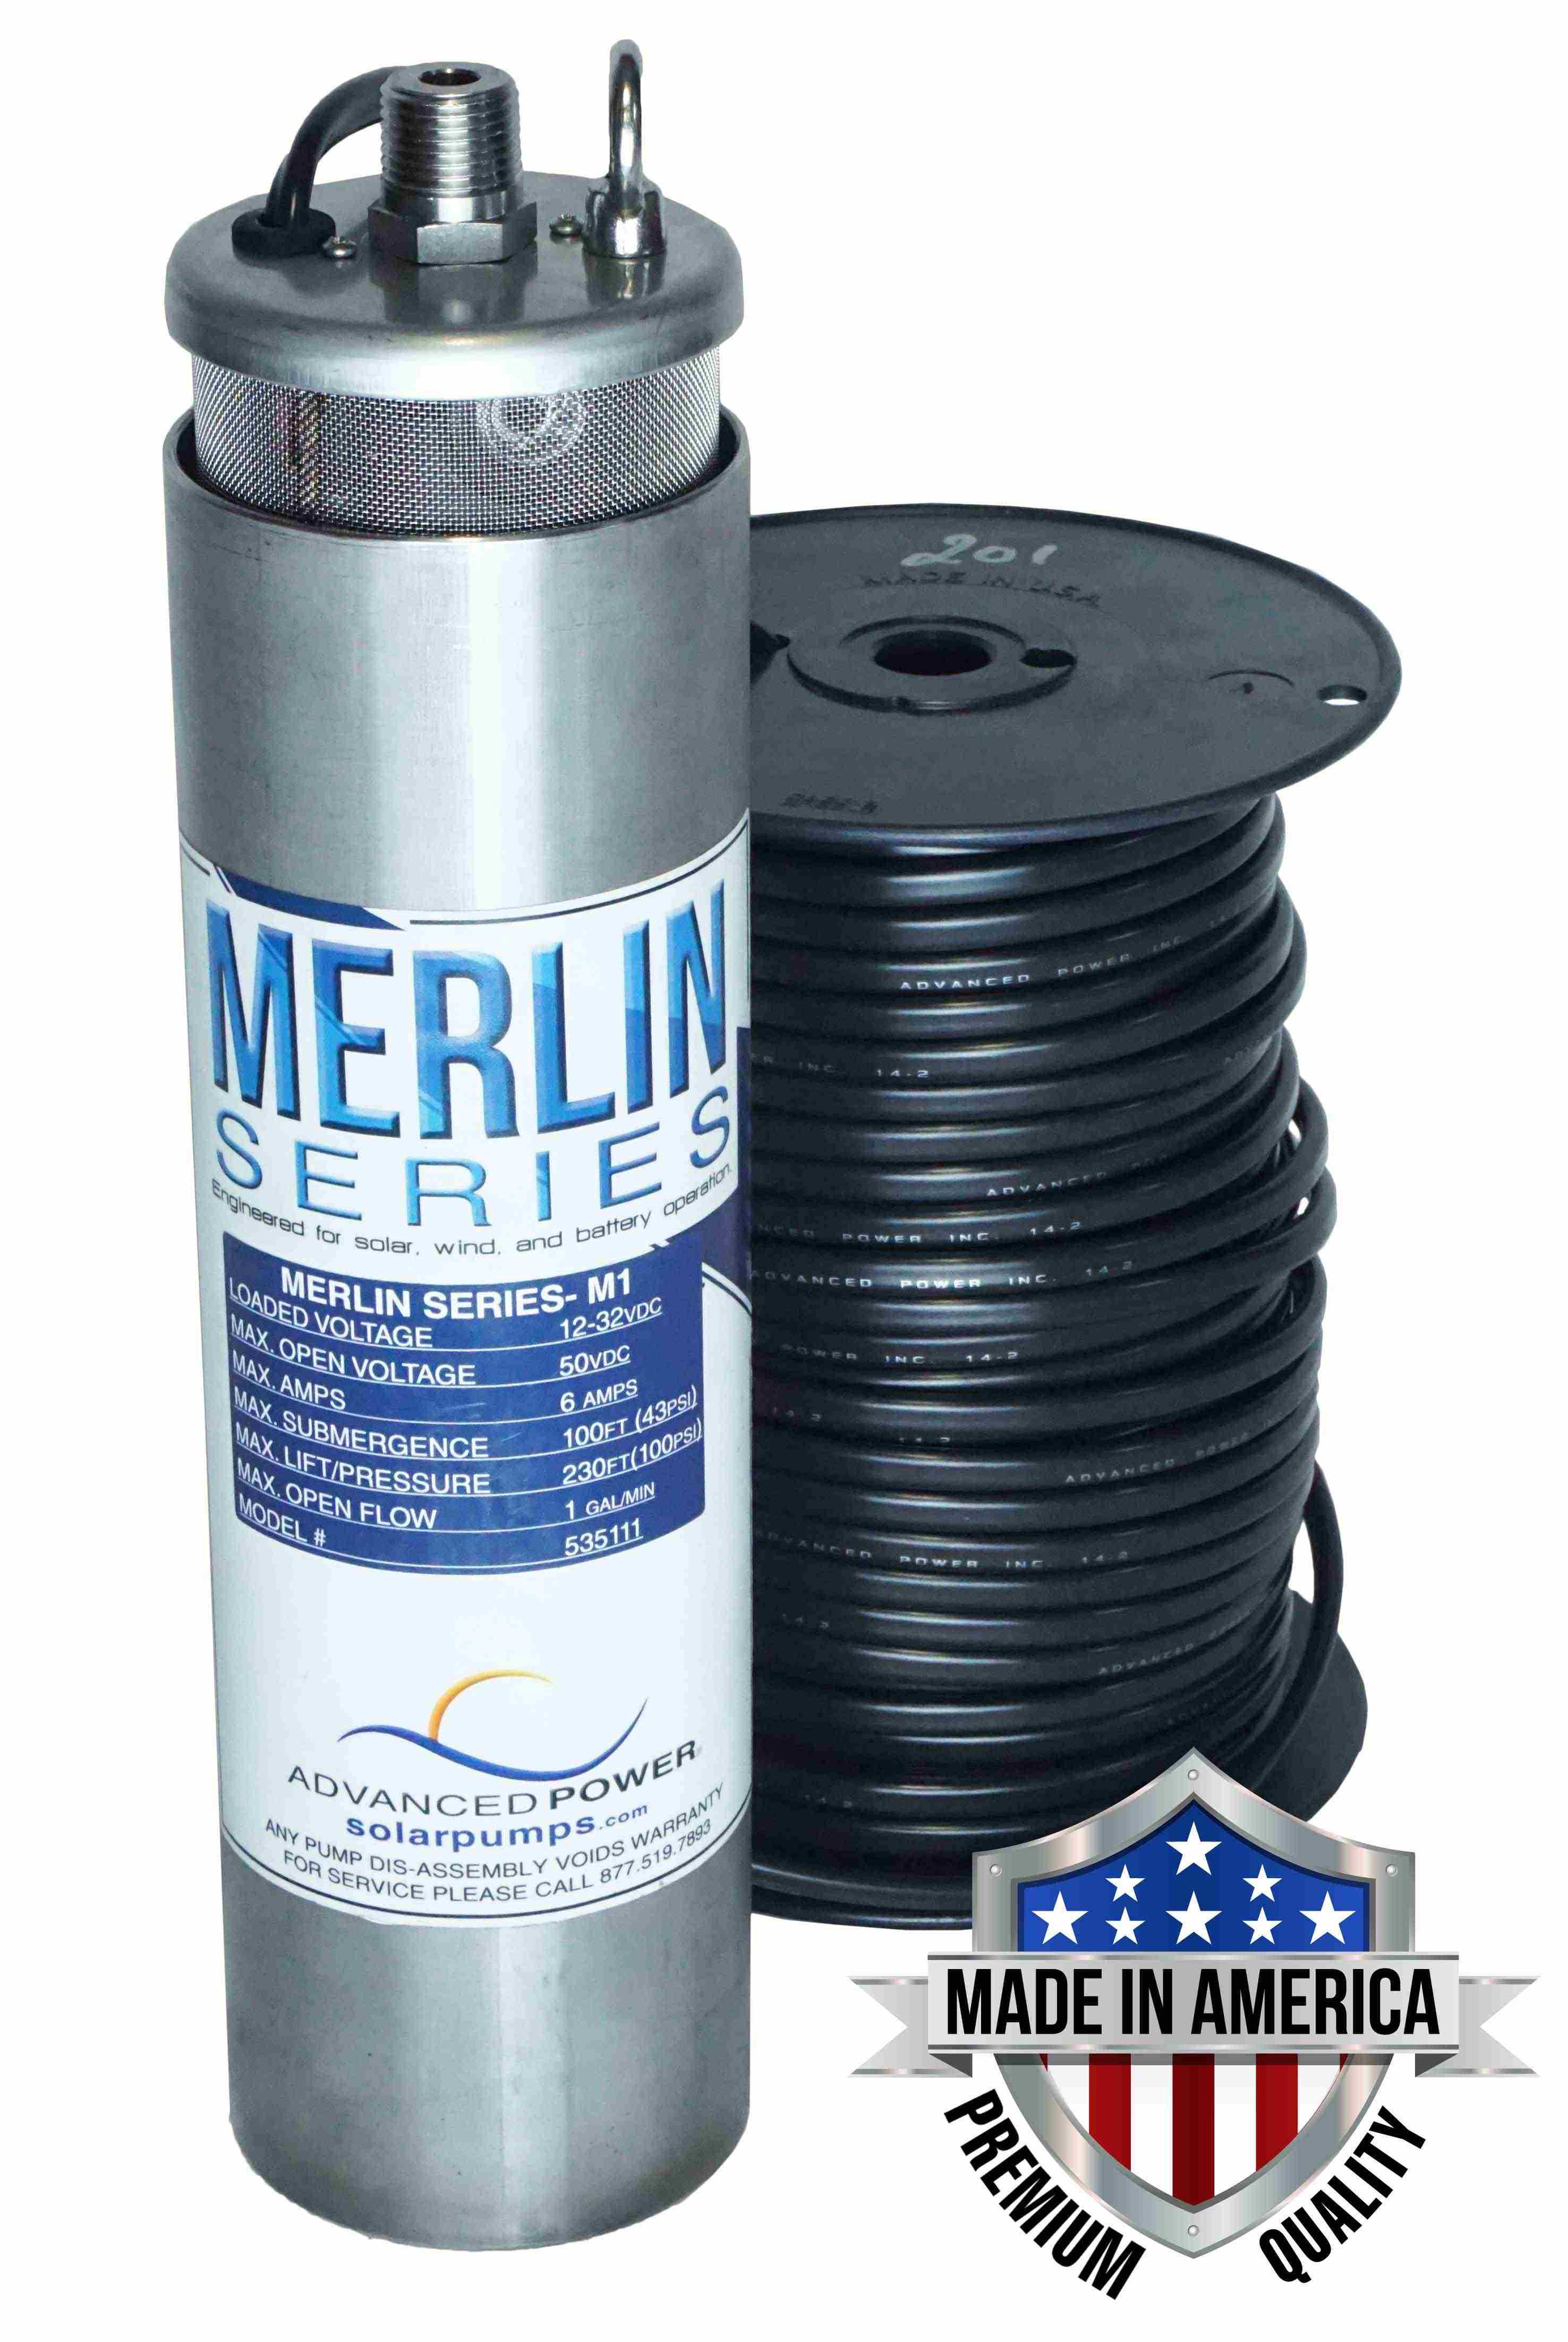 Merlin Series M1